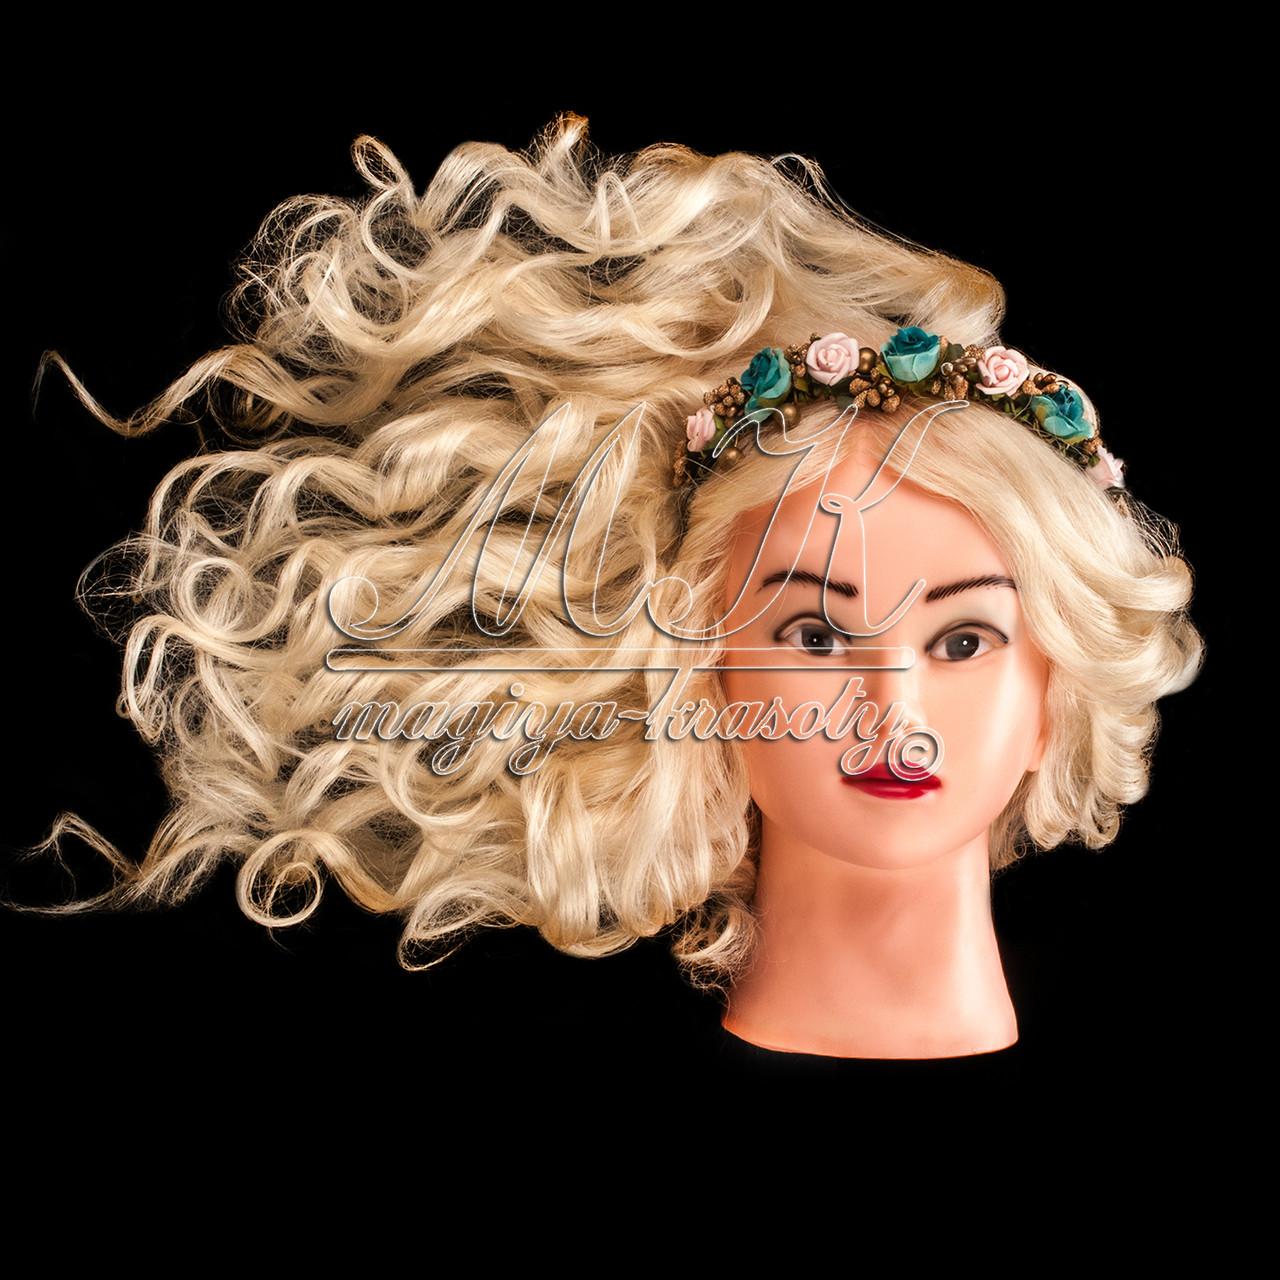 Учебный манекен для причесок, укладок и плетения PROFI №1-W  с натуральными волосами, белый, фото 1